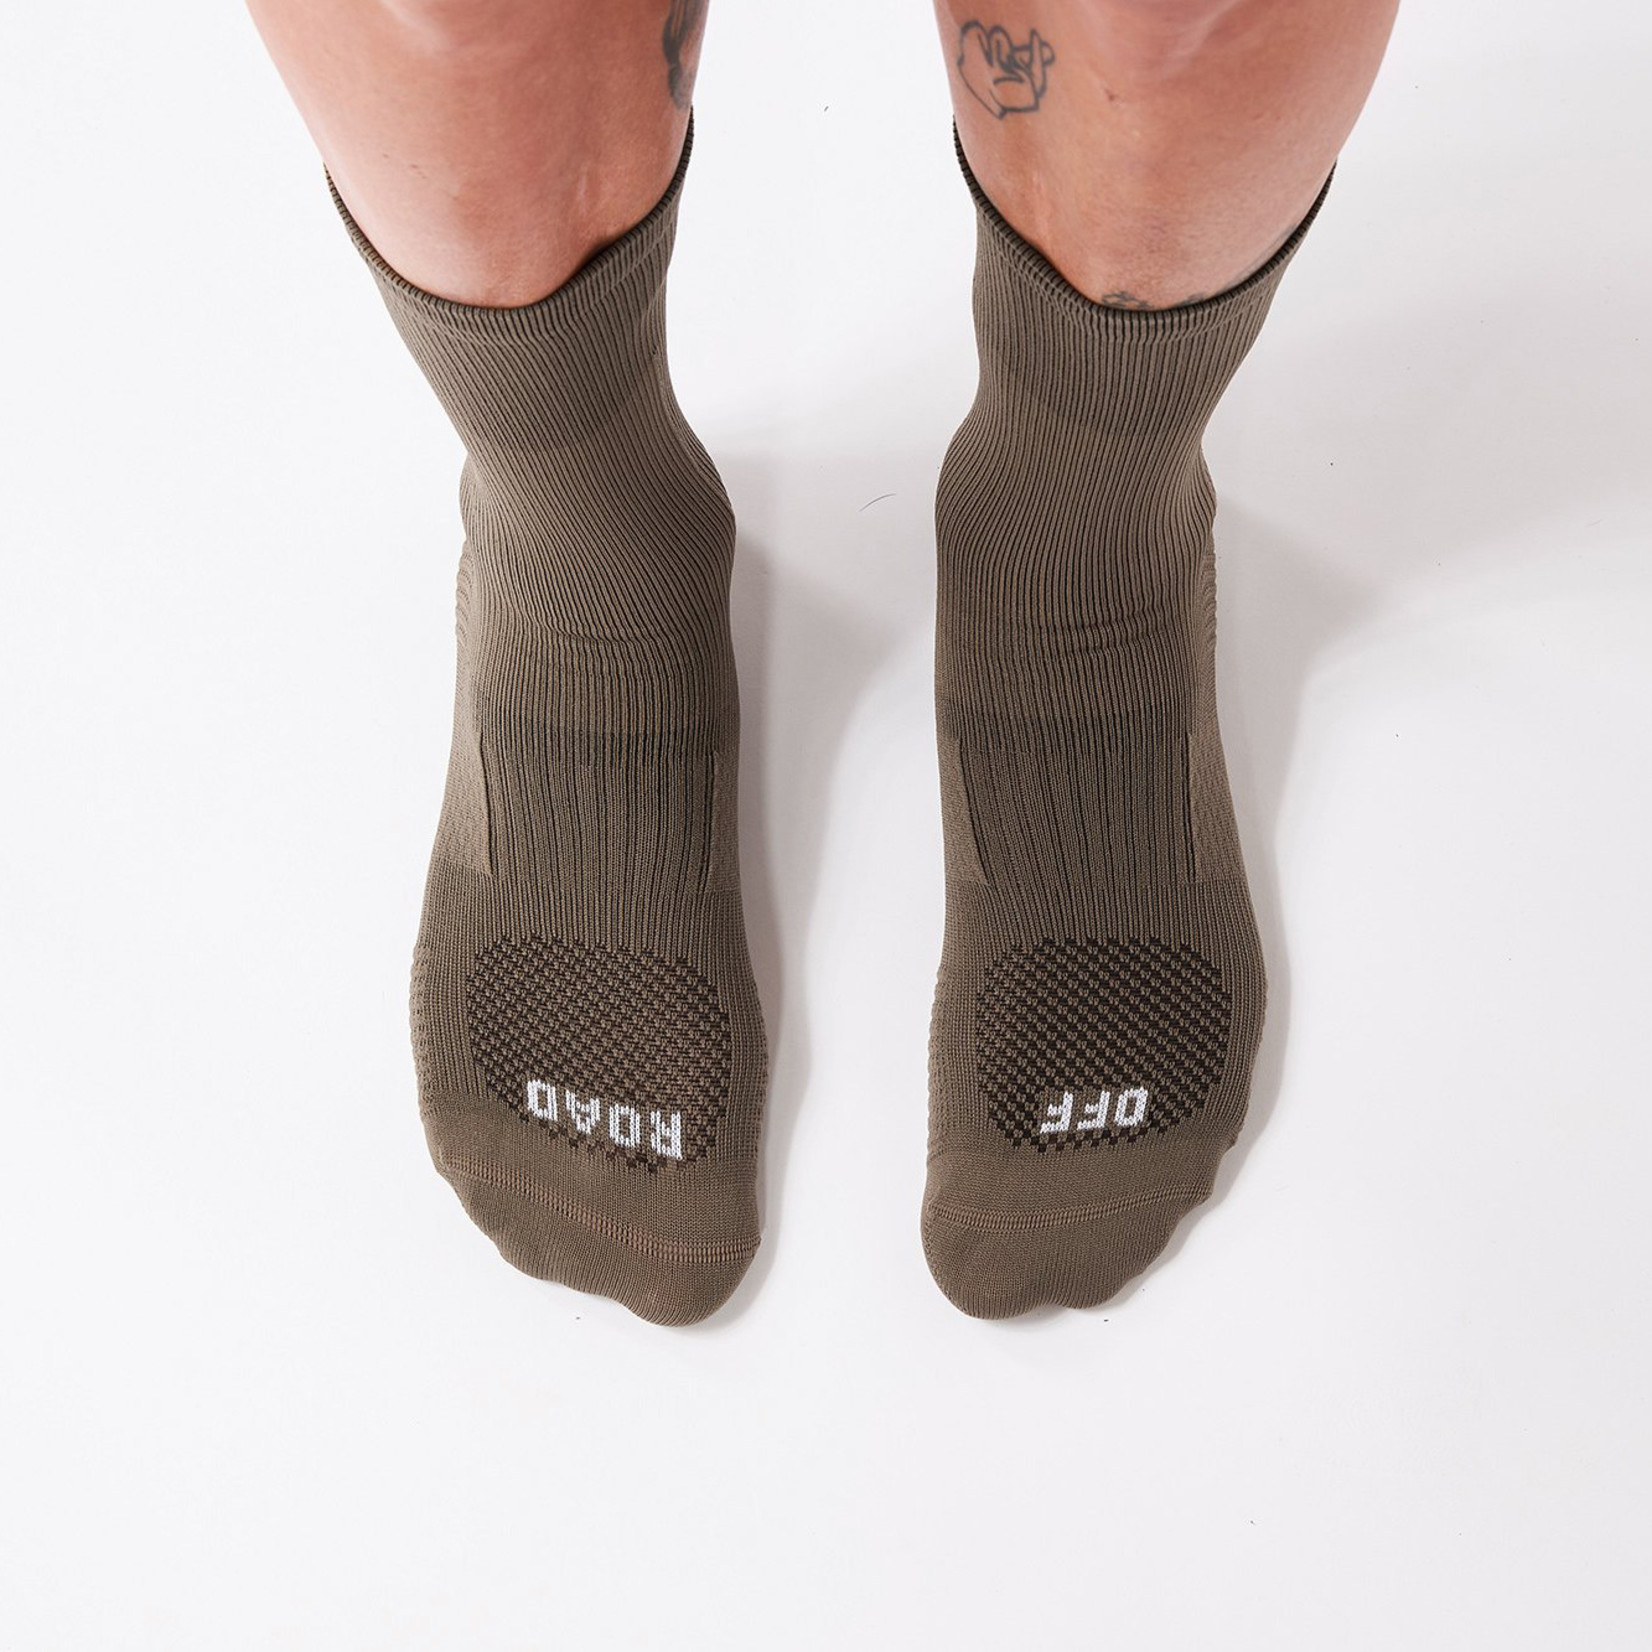 Fingerscrossed FINGERSCROSSED Off Road Socks - Walnut